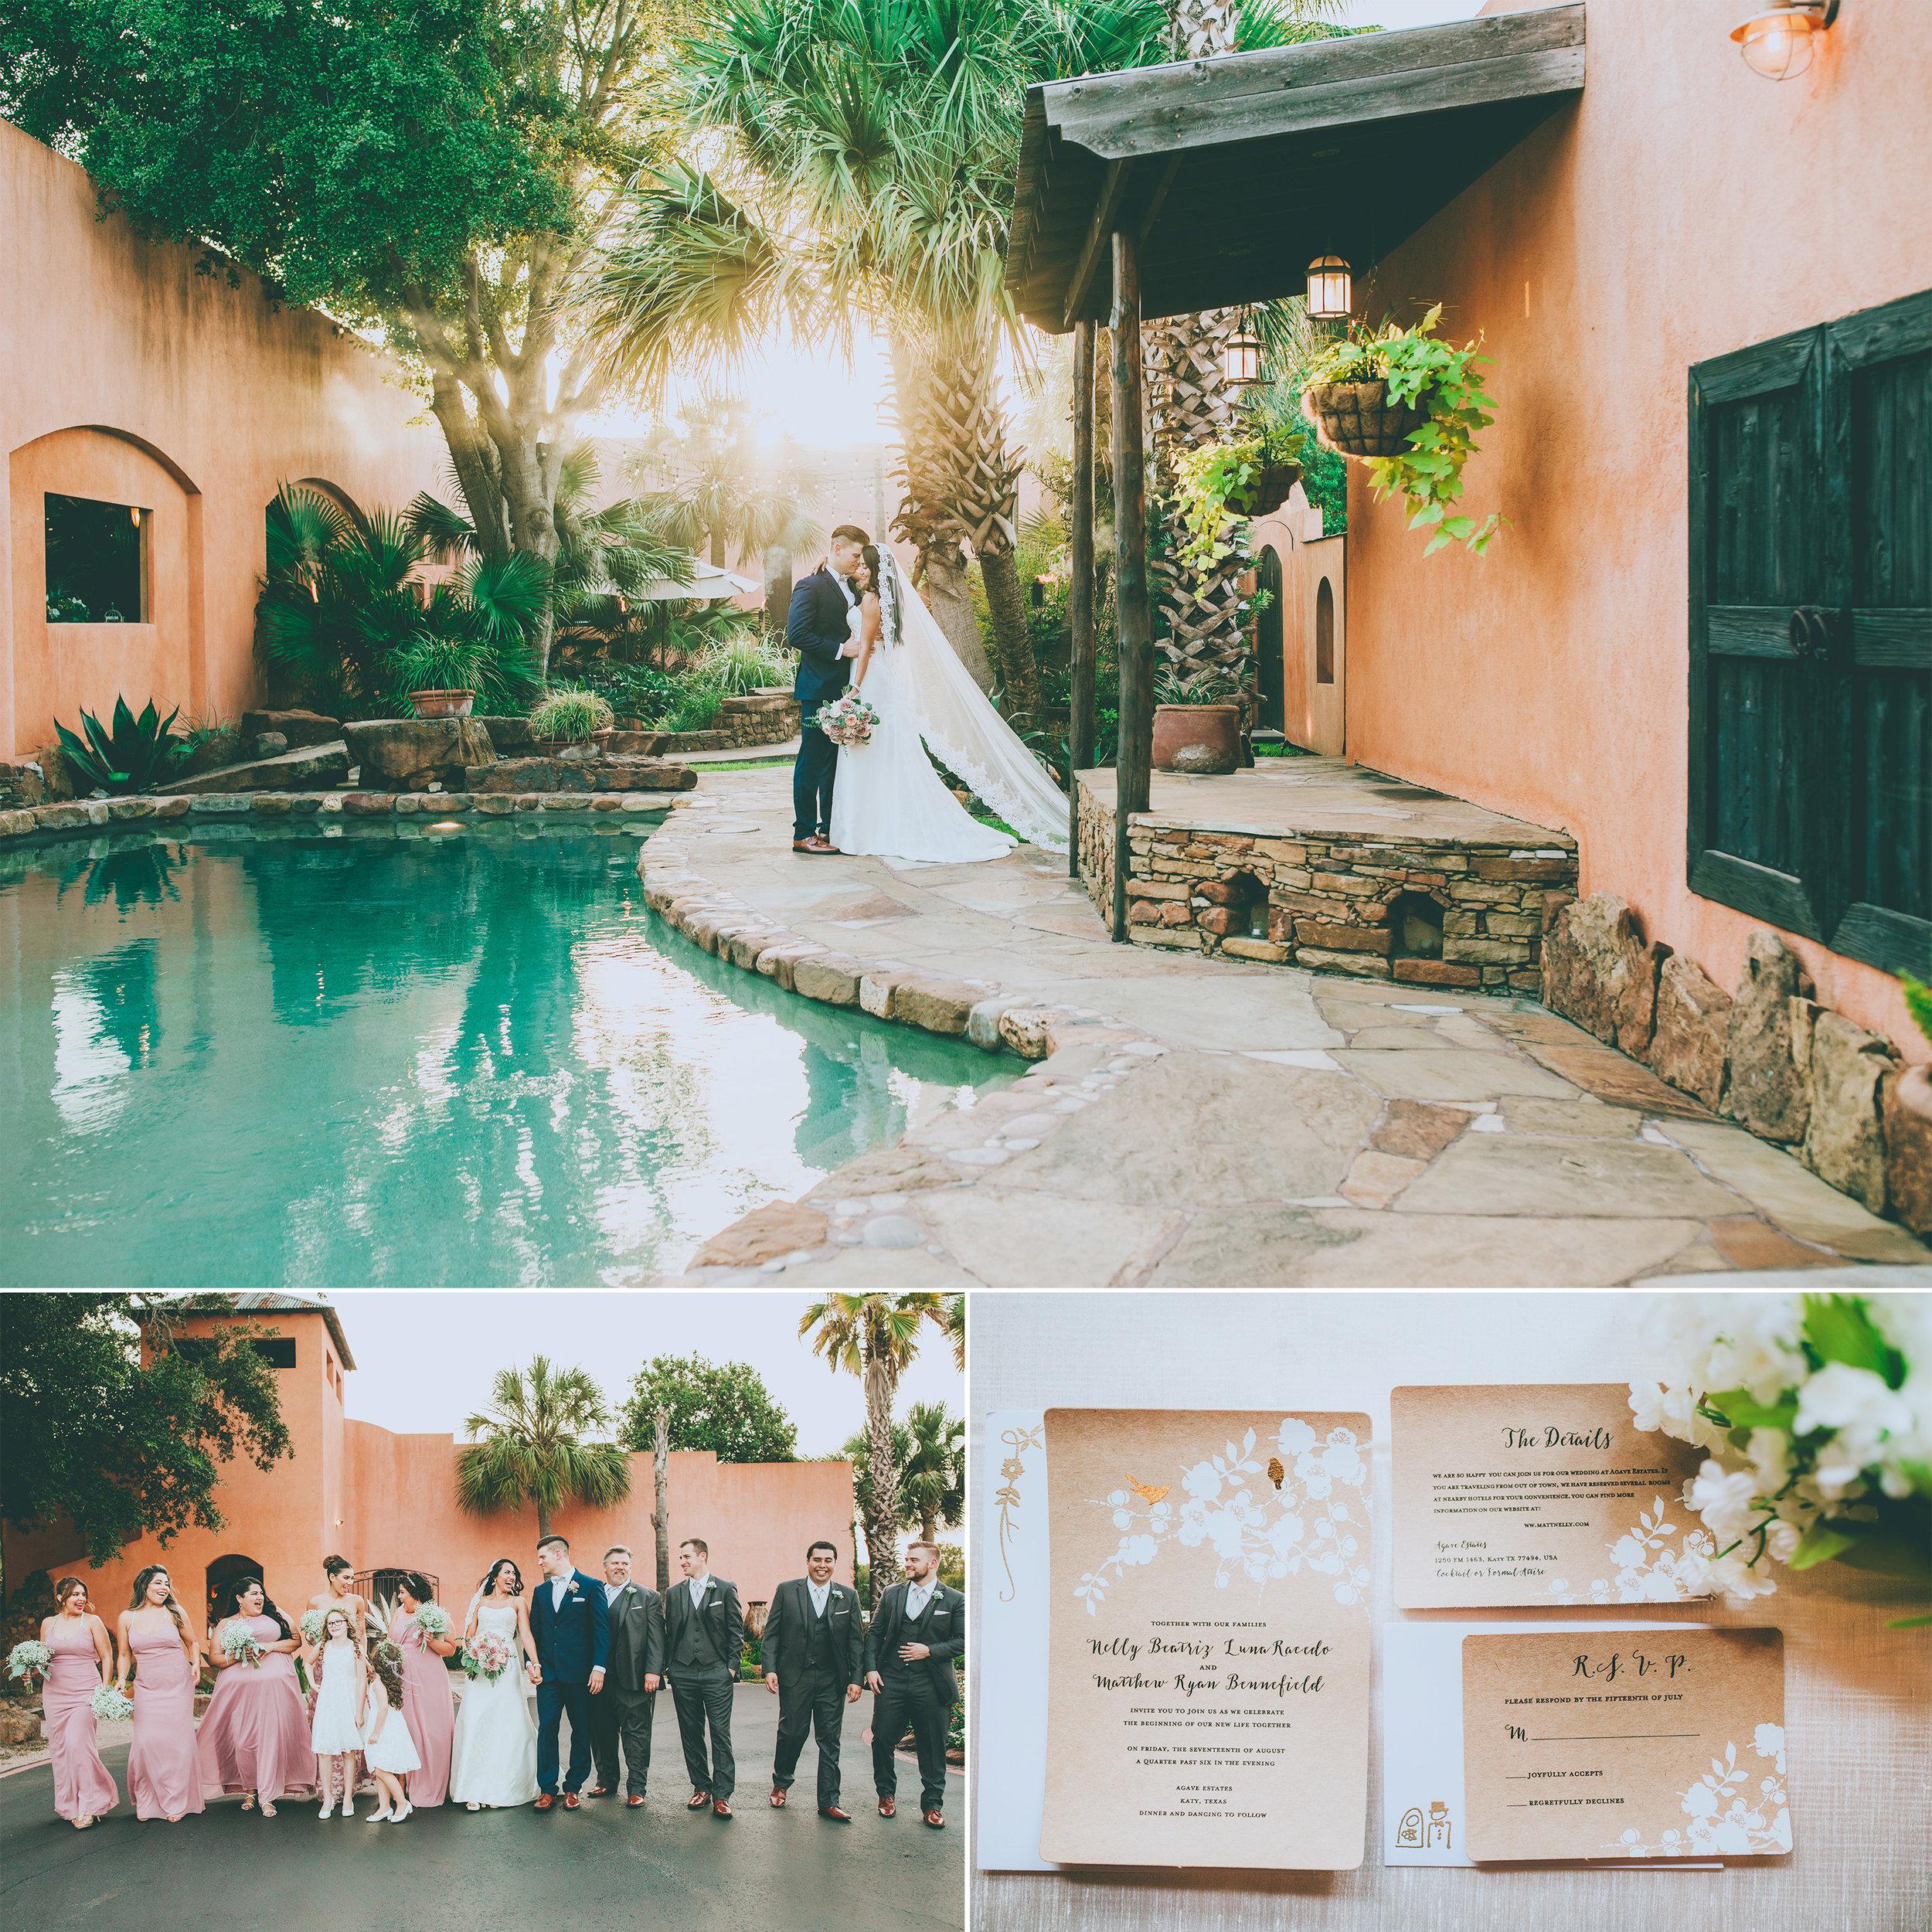 WEDDINGS - Romantic getaways & elopements